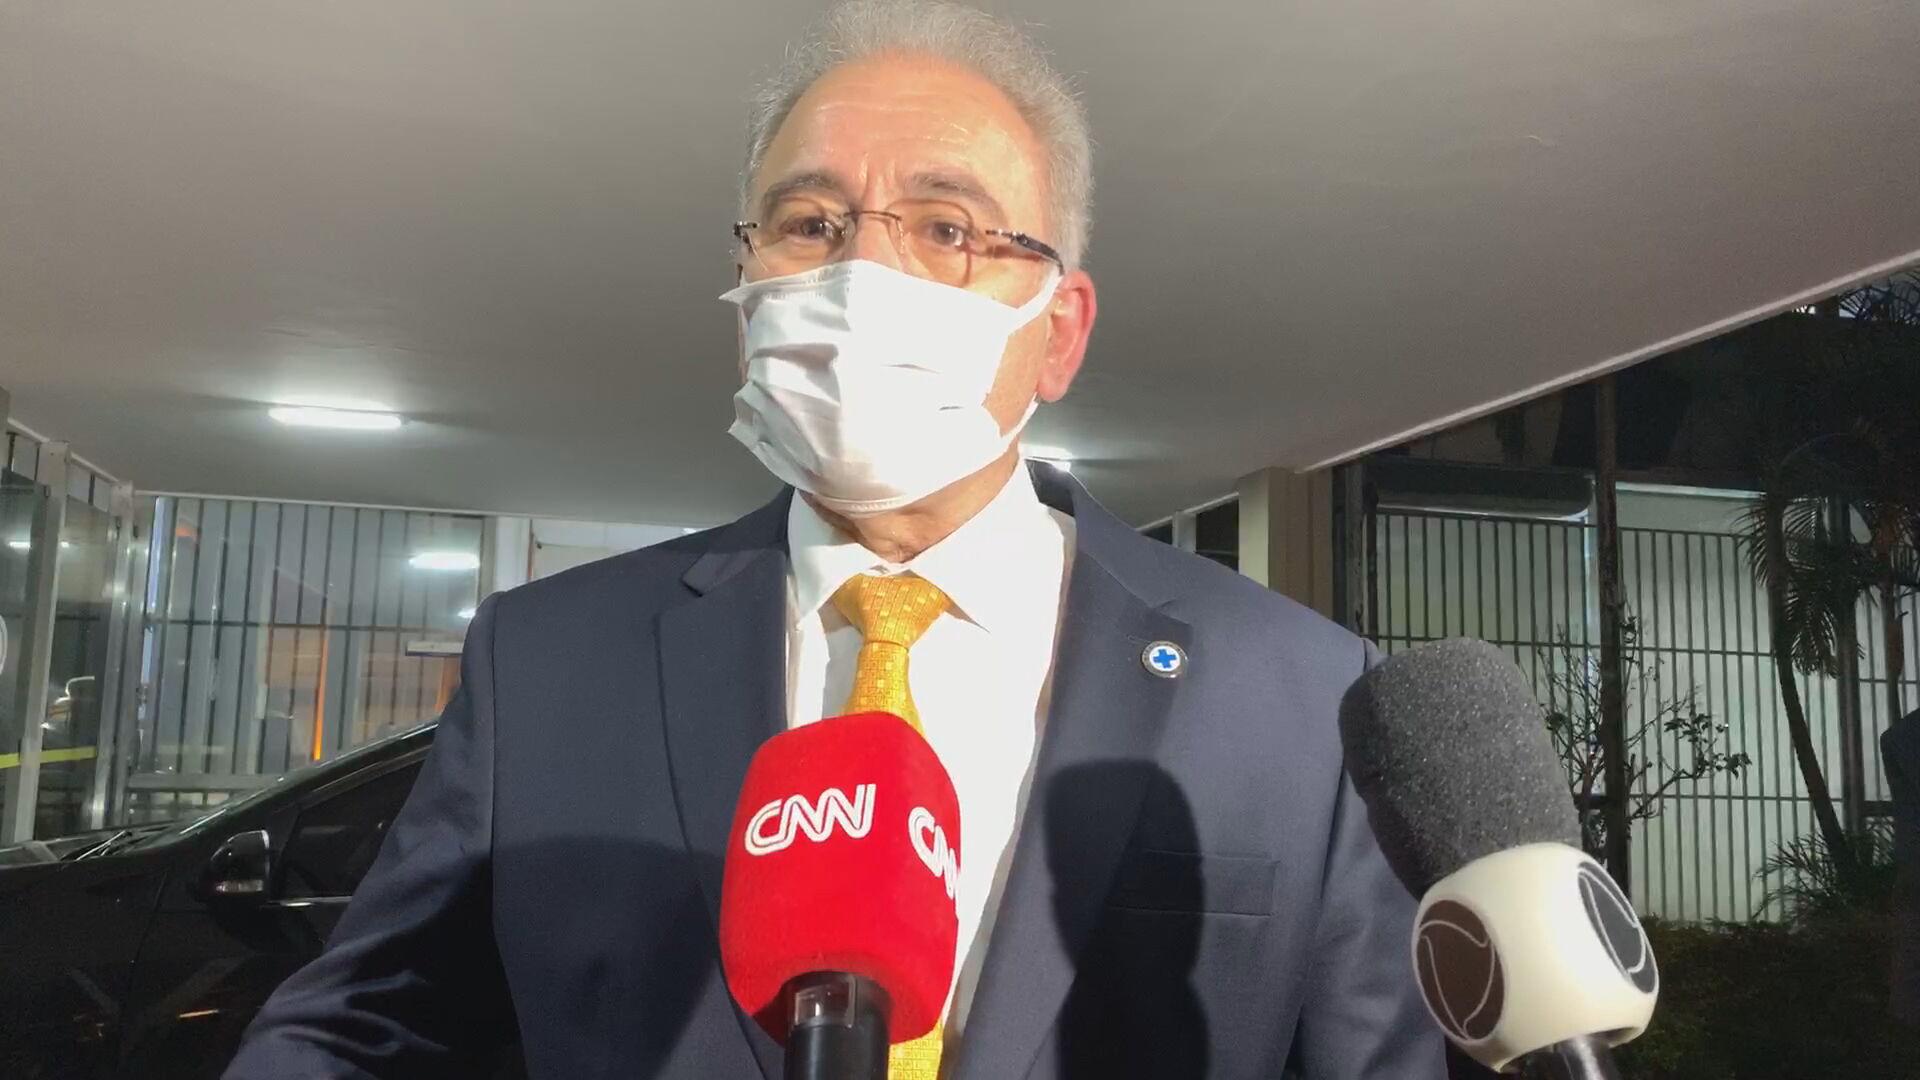 O ministro da Saúde, Marcelo Queiroga, falou com a reportagem da CNN